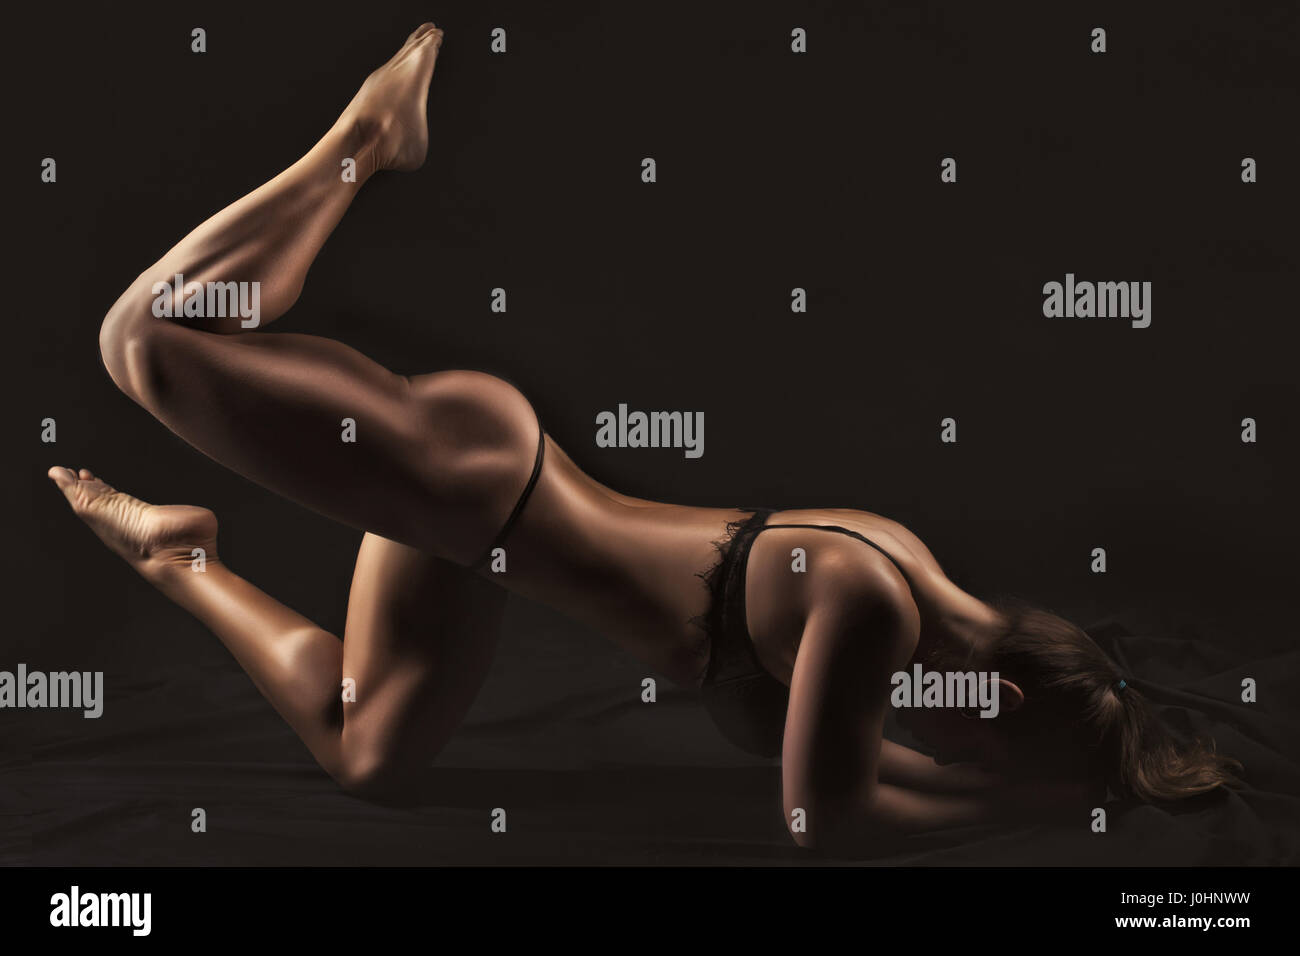 Donna culturista mostrando i muscoli del corpo. Immagini Stock